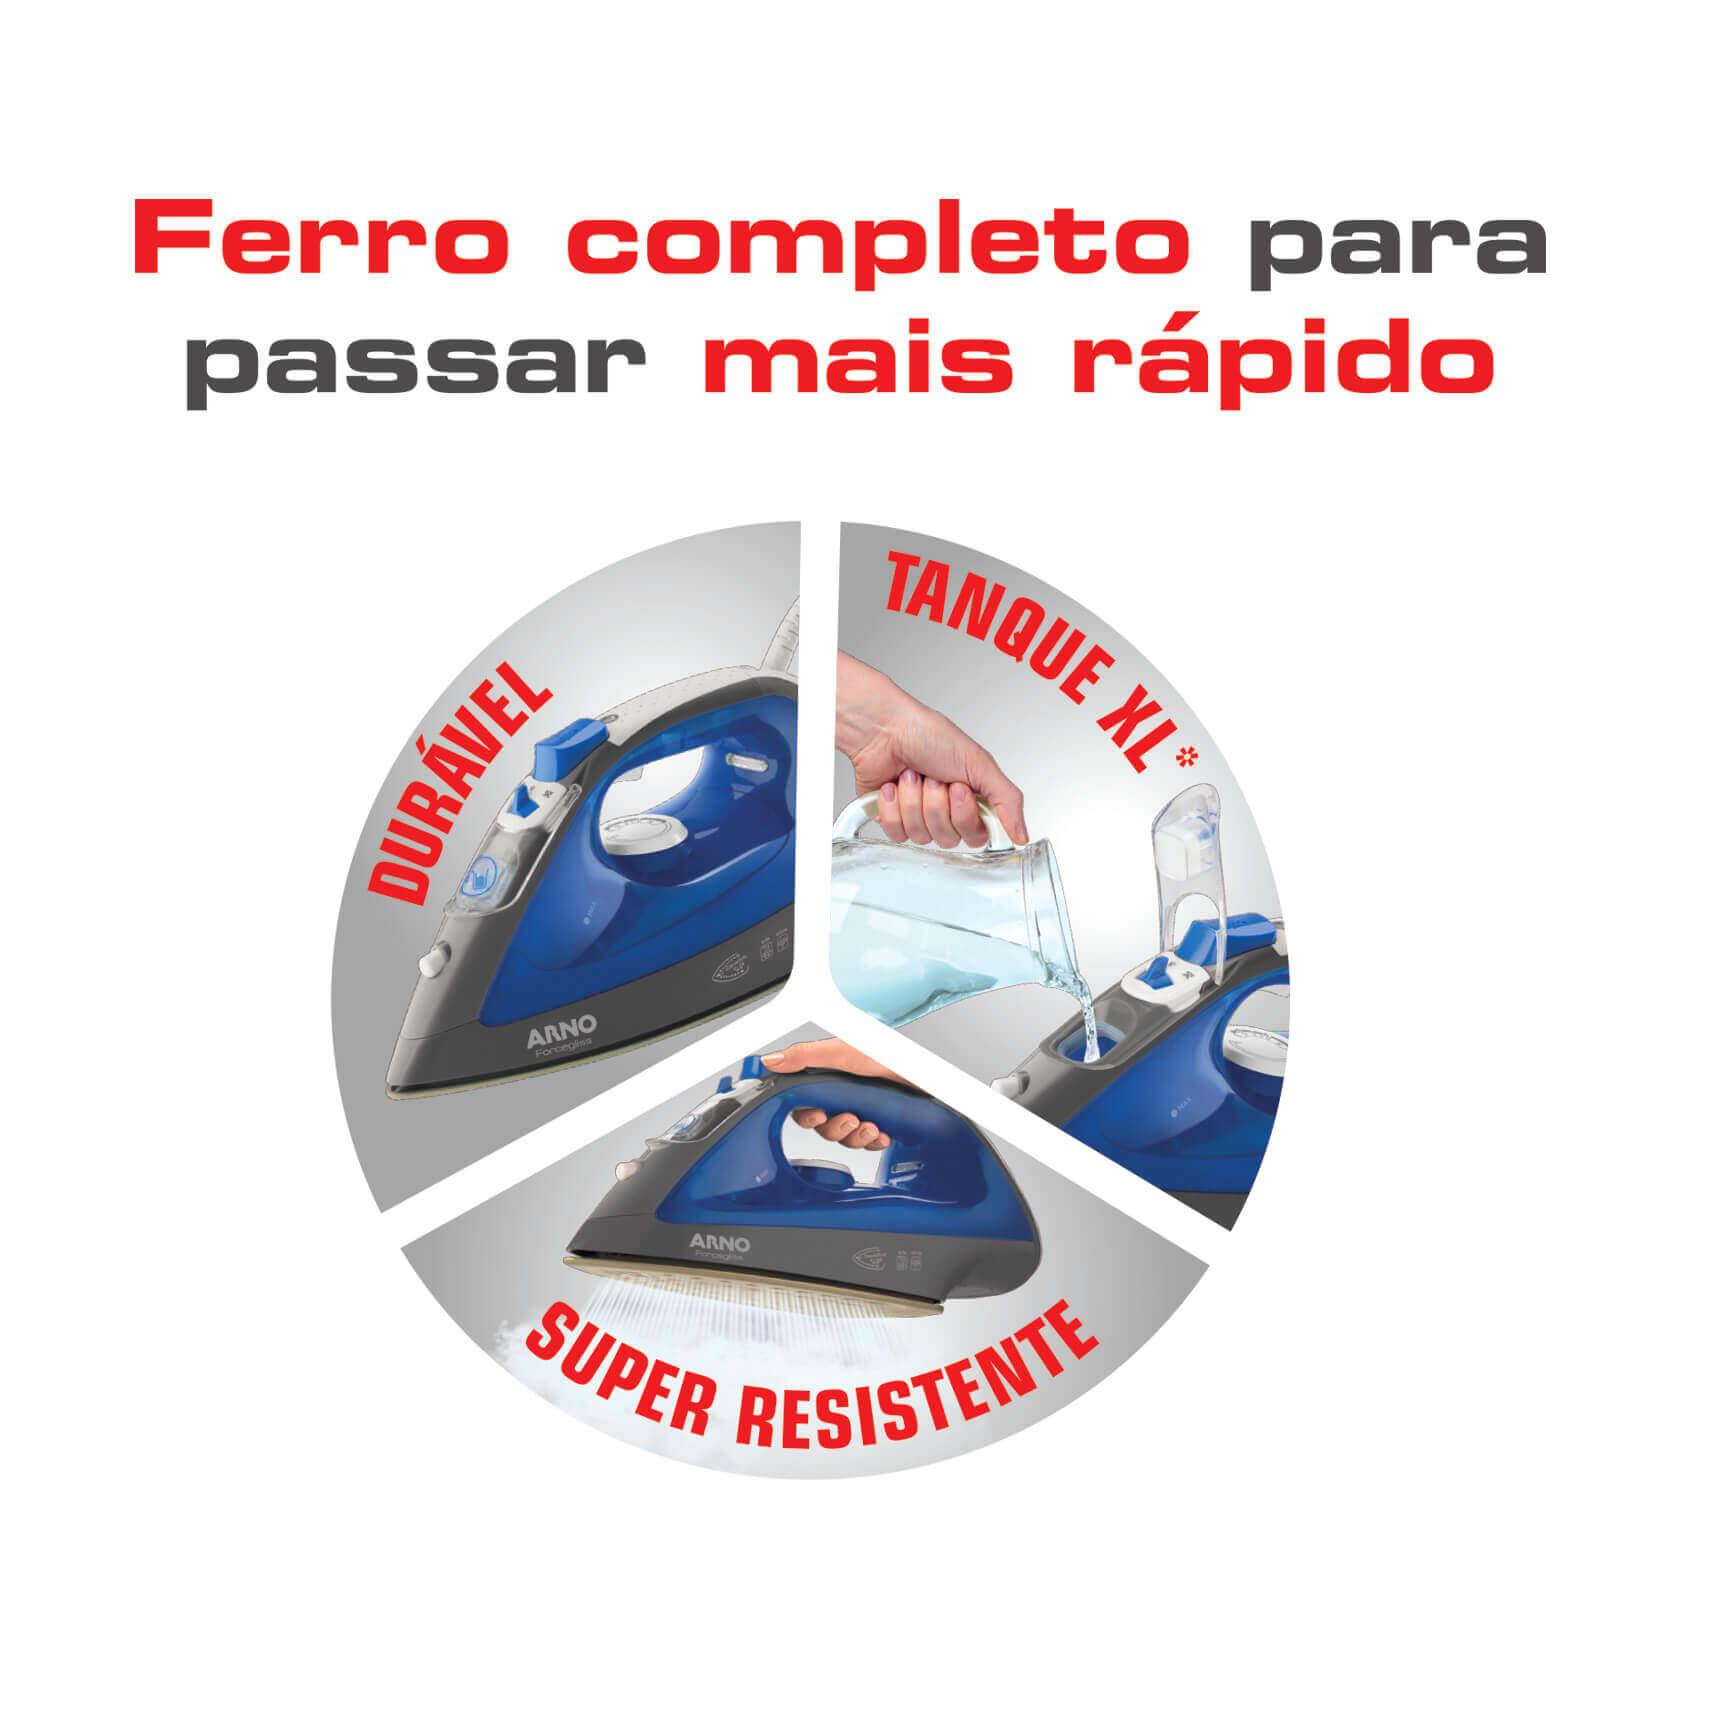 FERRO A VAPOR ARNO FORCEGLISS FFC1 127V